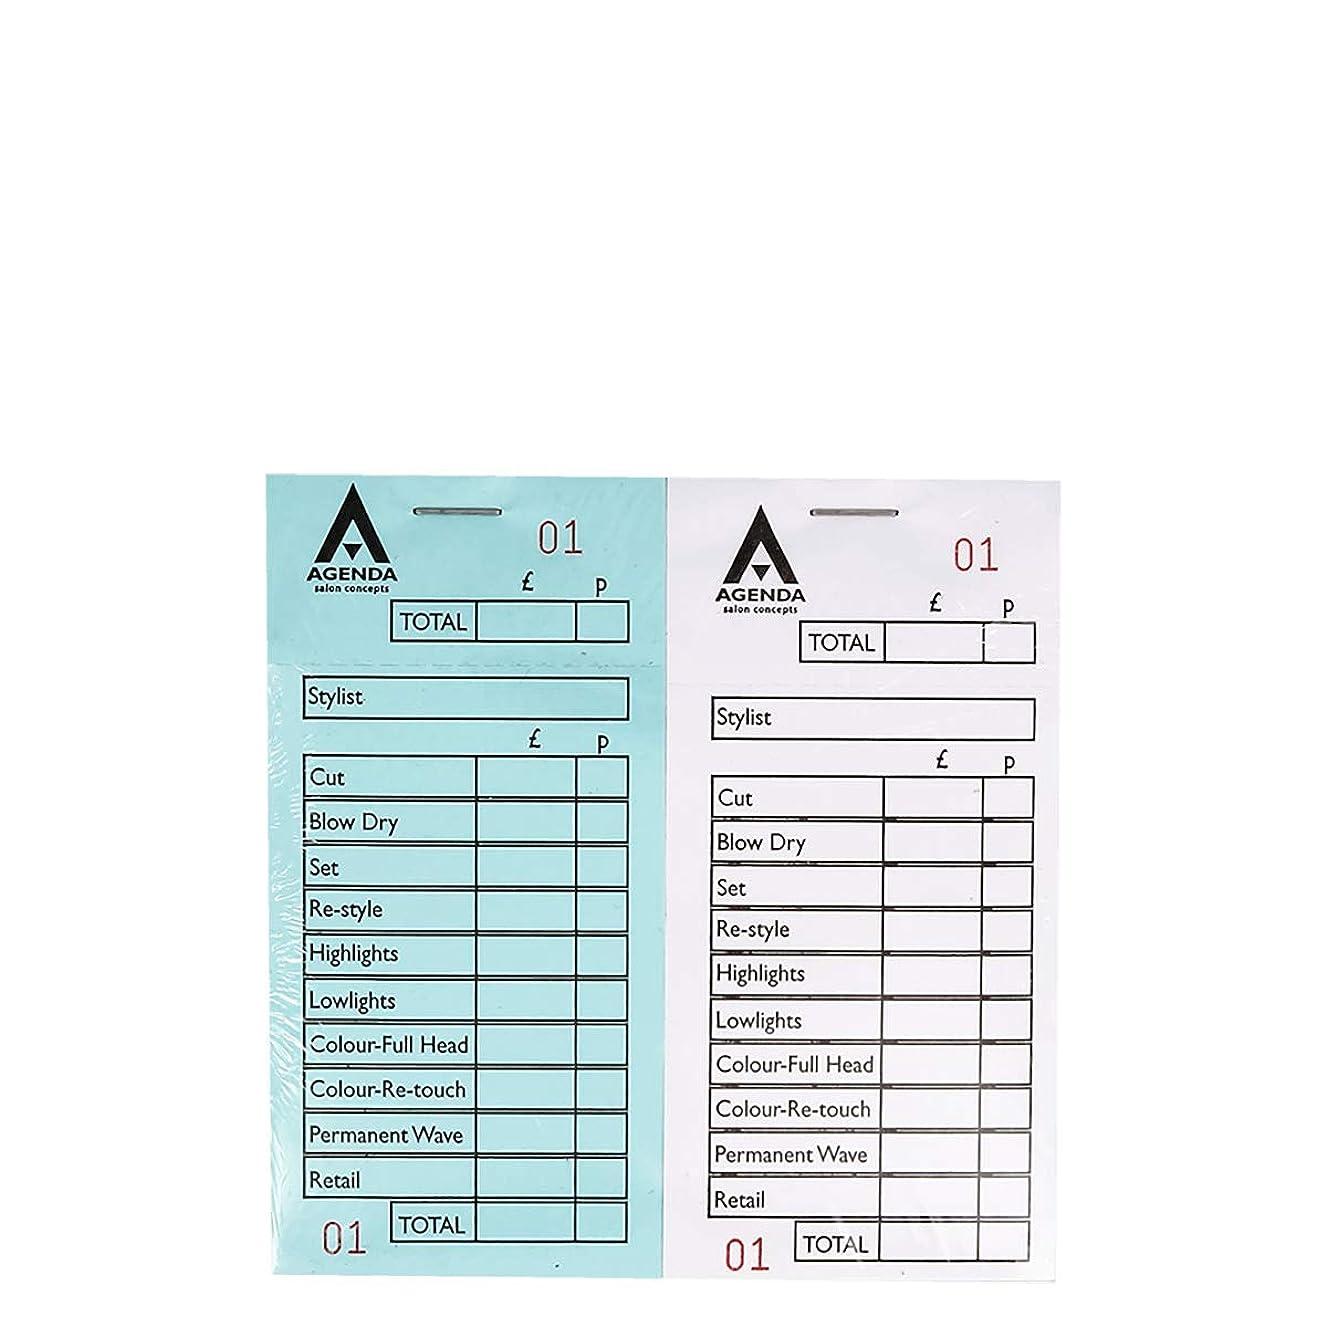 ライナー膜かろうじてアジェンダ サロンコンセプト 番号付きチェックパッド12詰め合わせ[海外直送品] [並行輸入品]